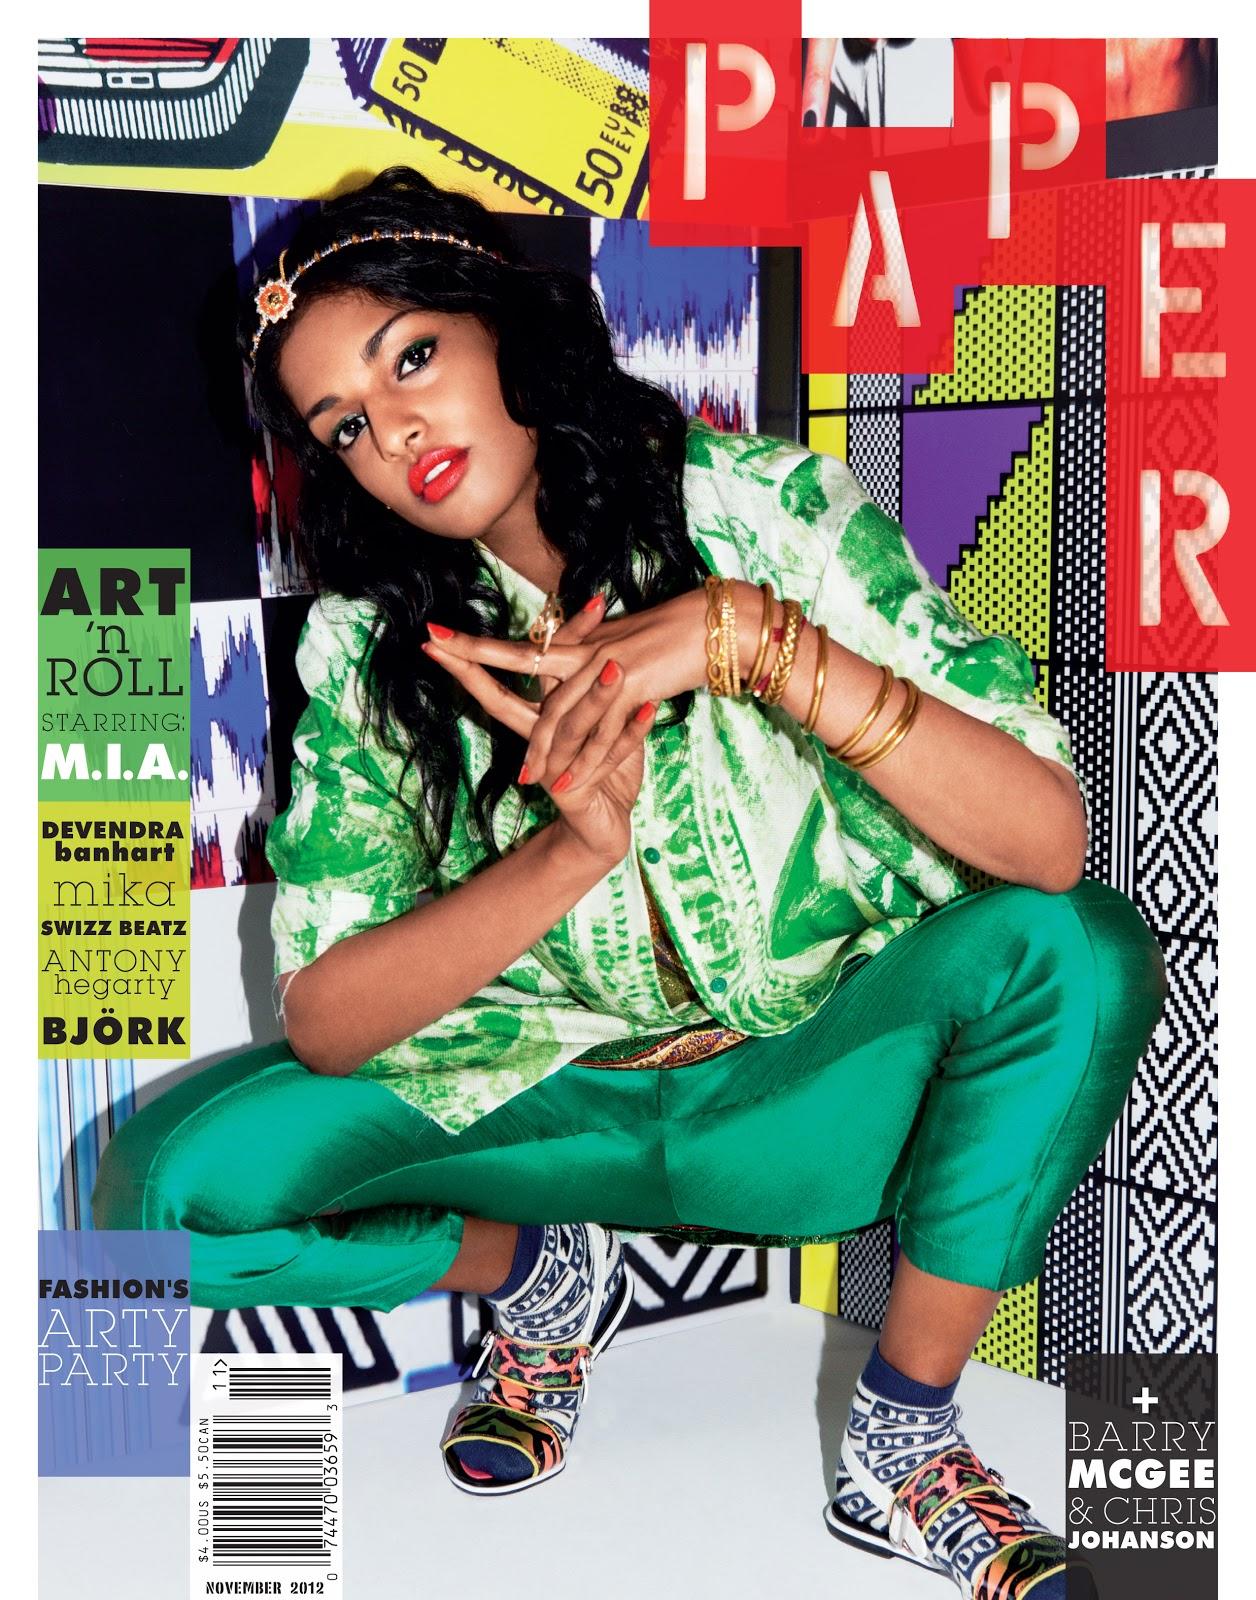 http://2.bp.blogspot.com/-xXXplx0y3MY/UJ0FQwhQw3I/AAAAAAAAHt8/zv1wWnovkH4/s1600/mia-paper-magazine.jpg